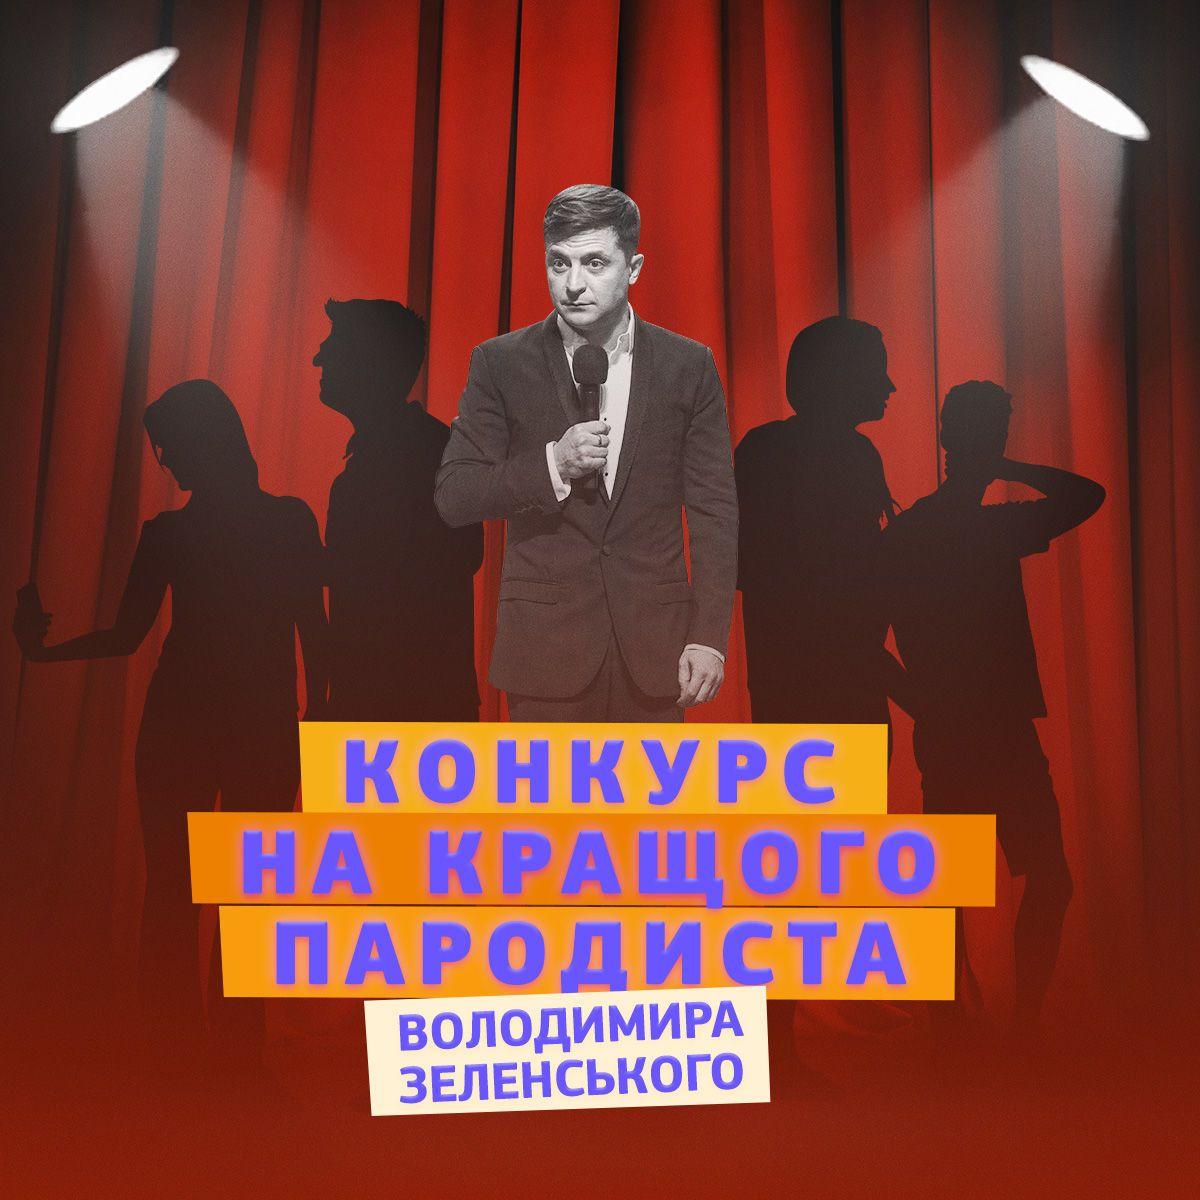 Володимир Зеленський конкурс пародій